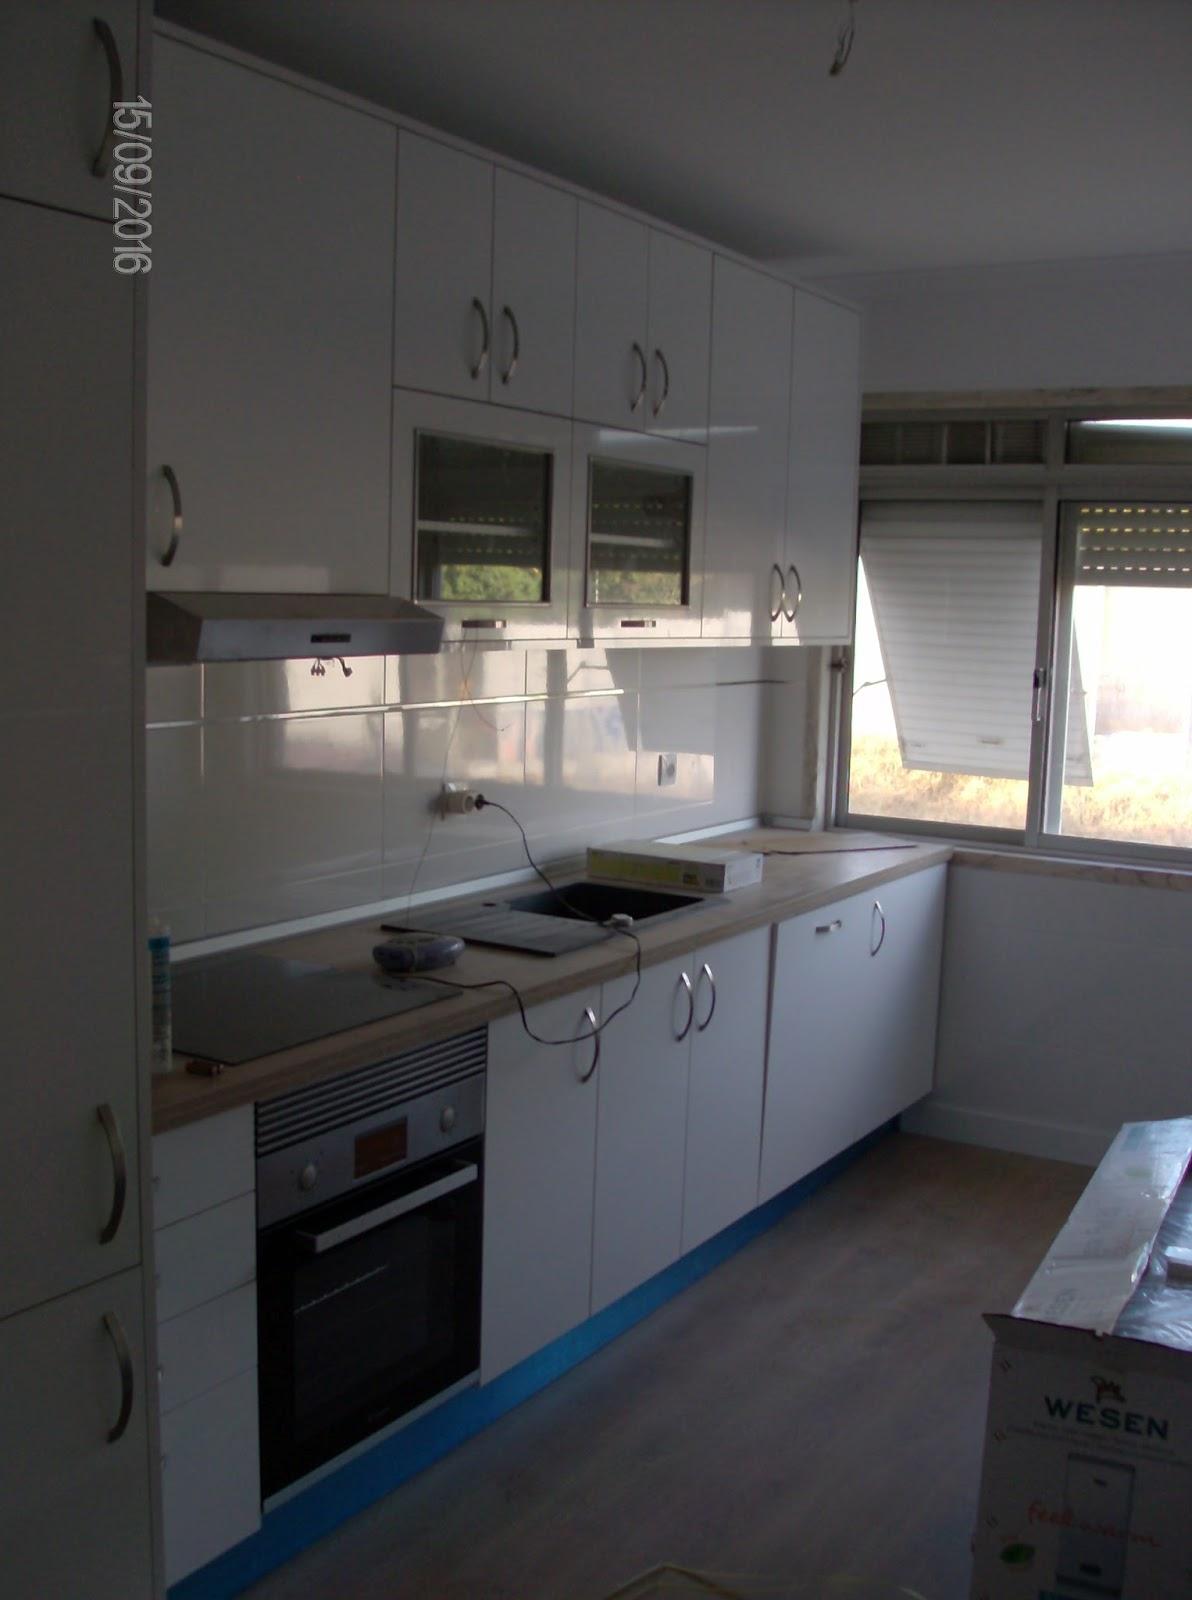 SENHOR FAZ TUDO Faz tudo pelo seu lar !®: Remodelação de Cozinhas #7C684F 1192 1600